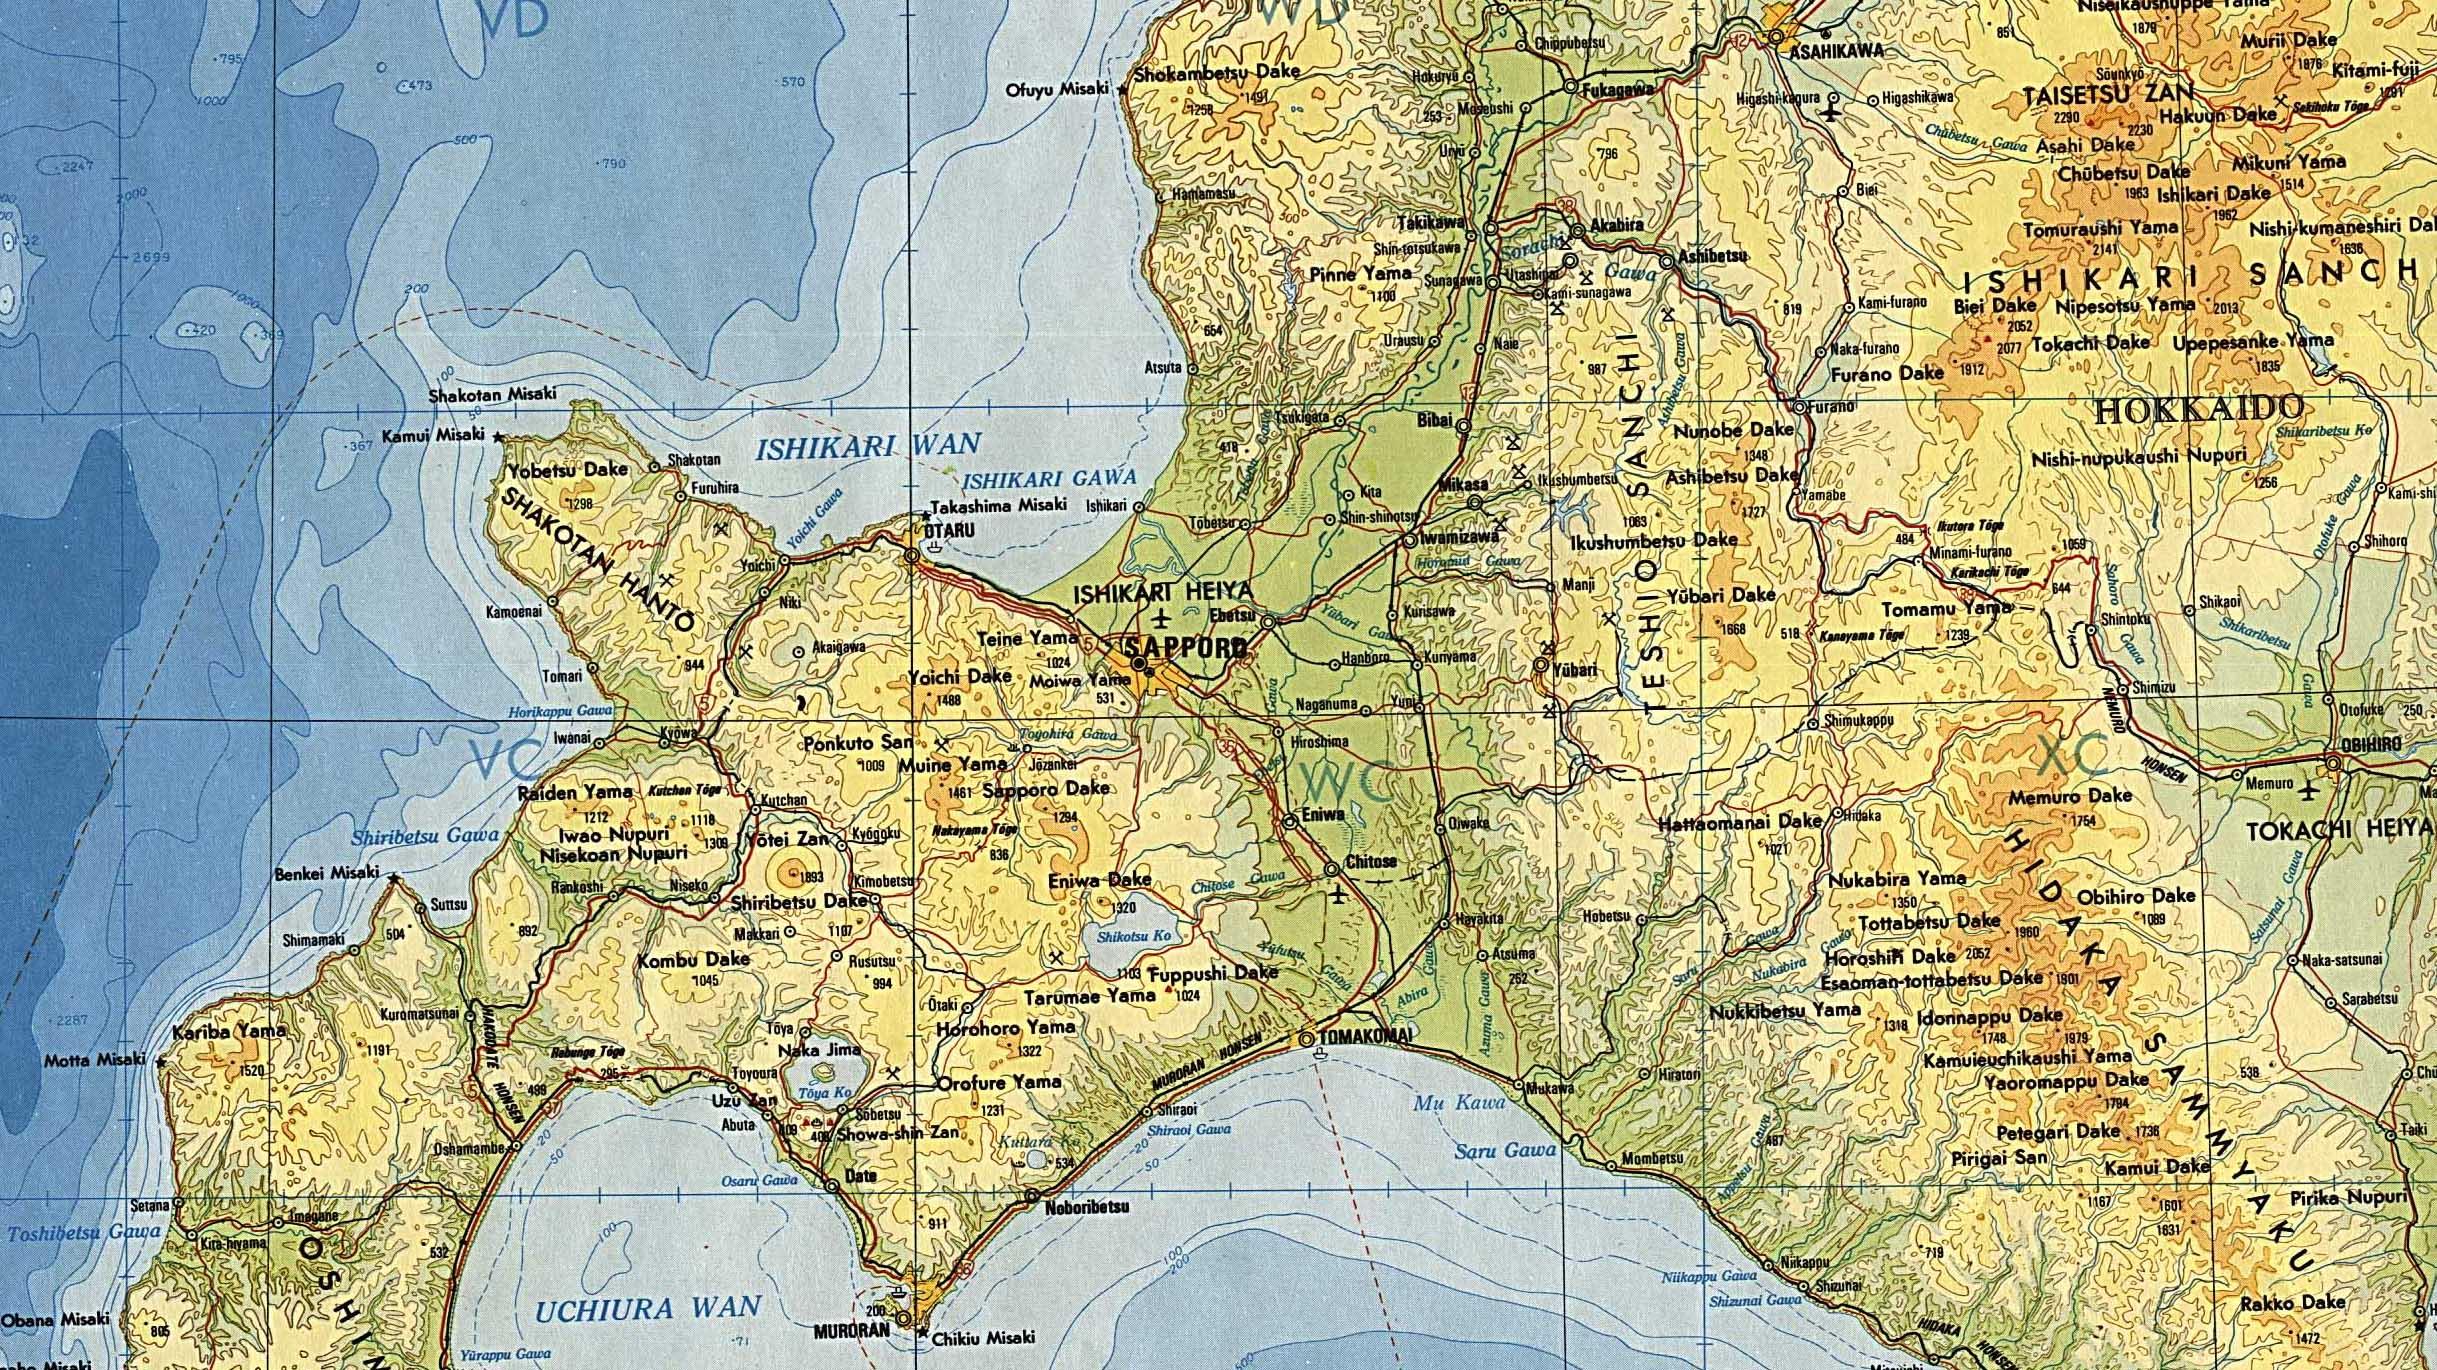 Reisenett Japan Maps - Japan elevation map